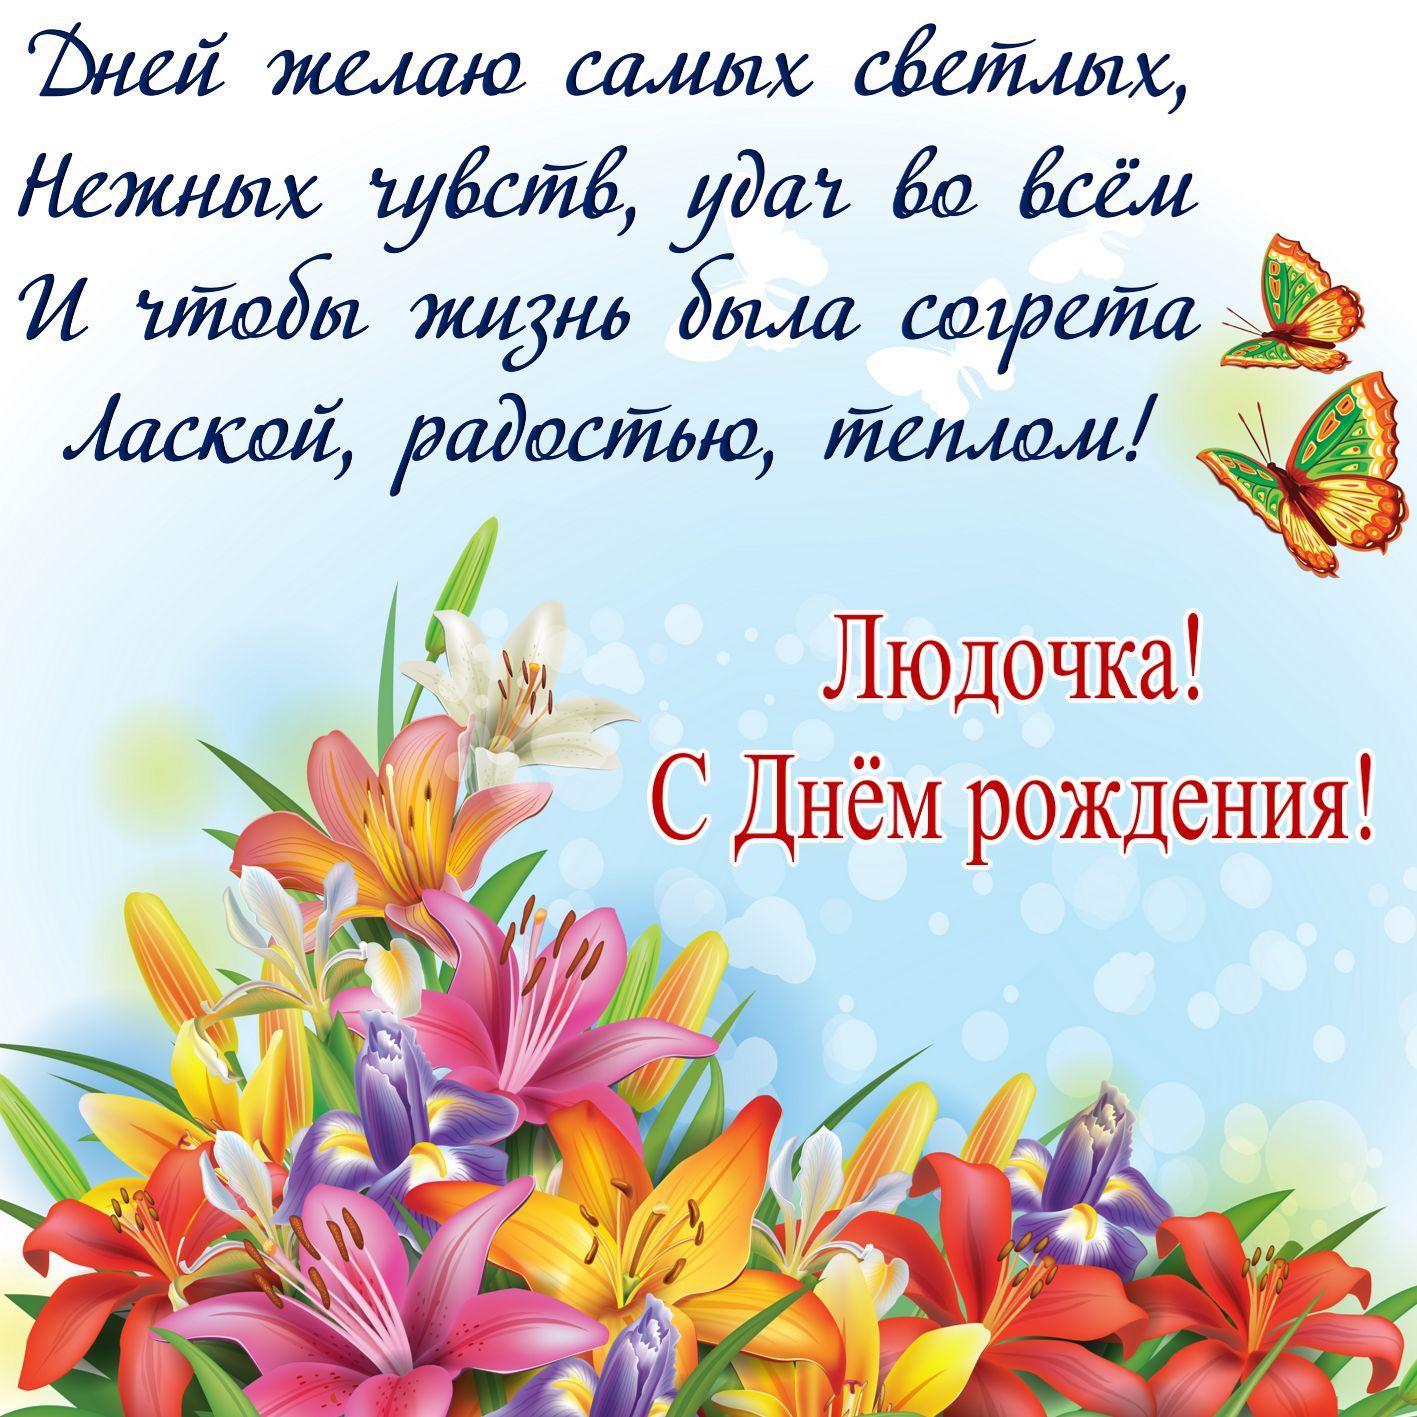 Открытка с пожеланием на День рождения Людмиле